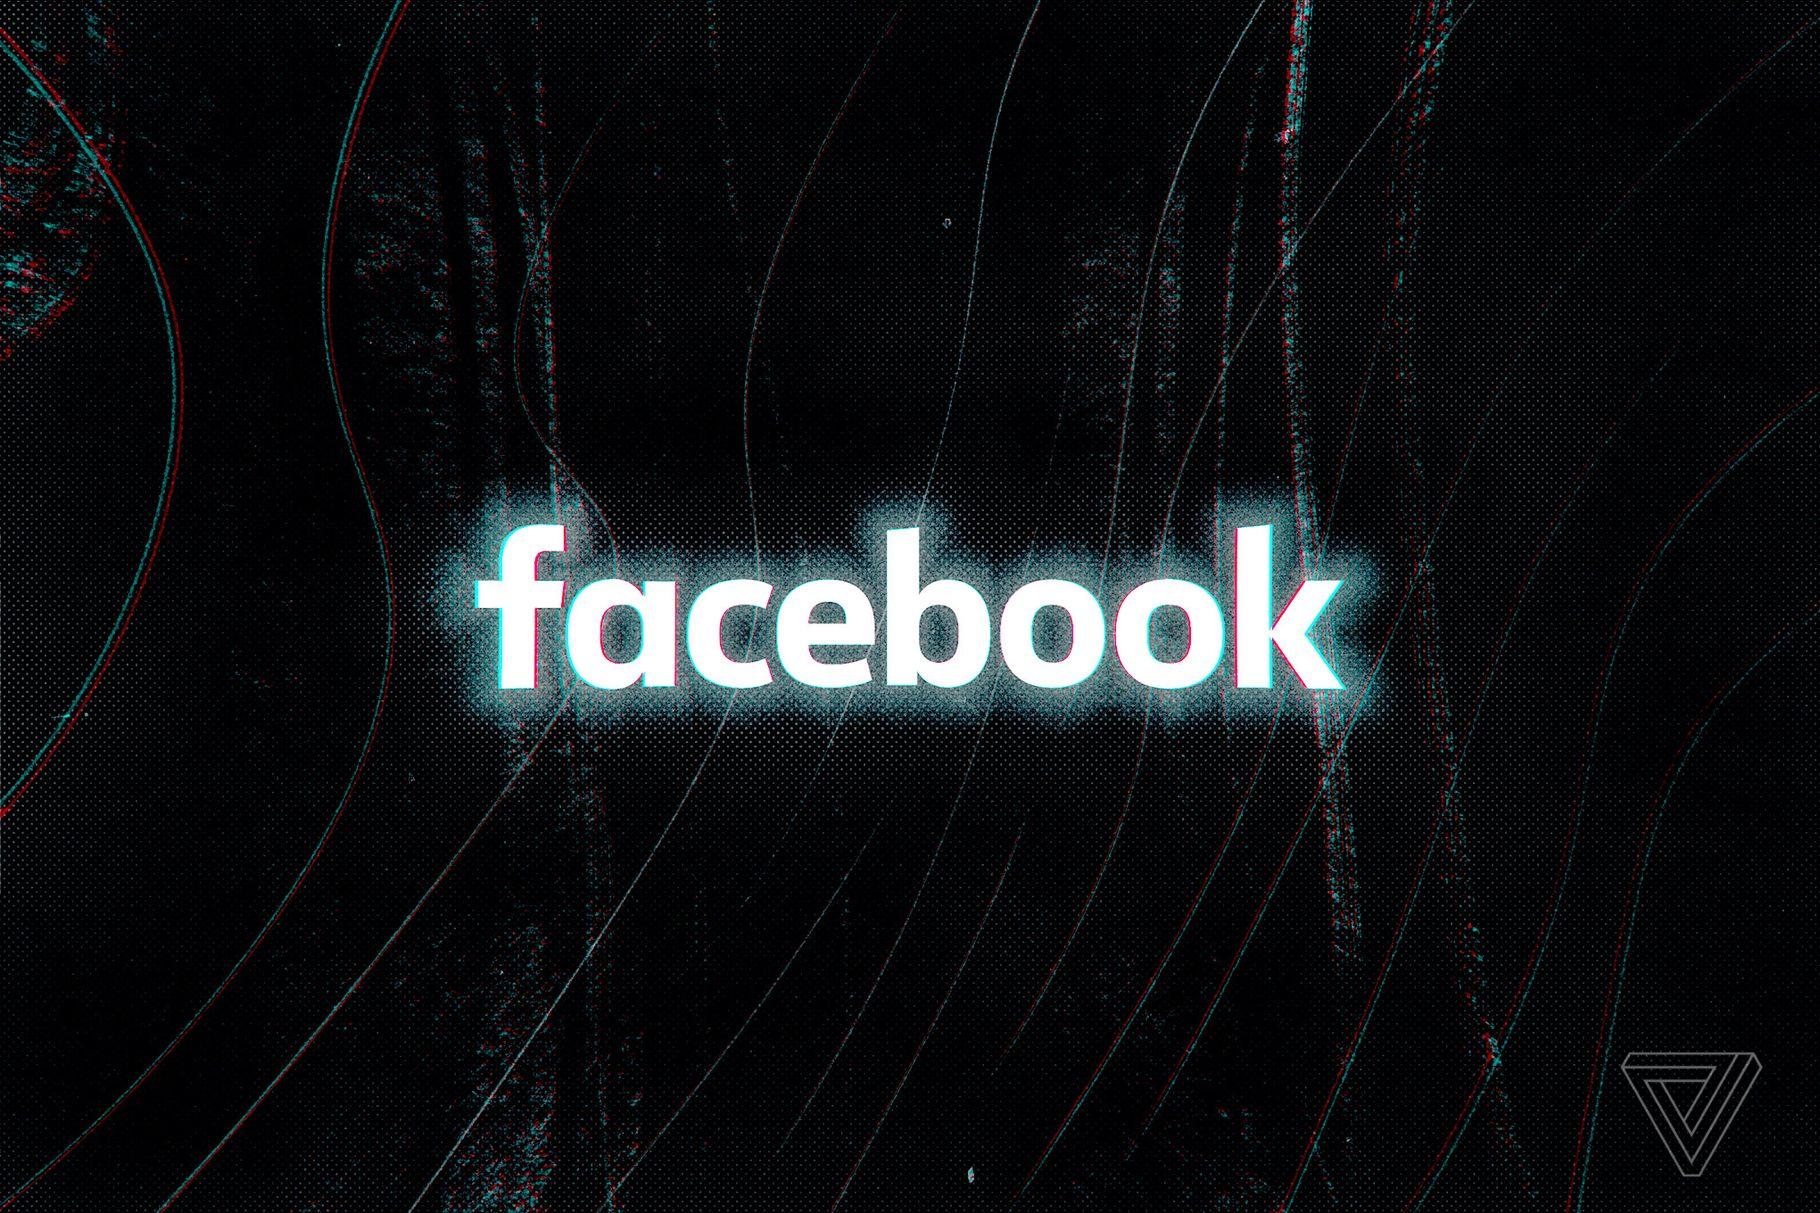 Facebook omezuje využívání telefonních čísel [aktualizováno]